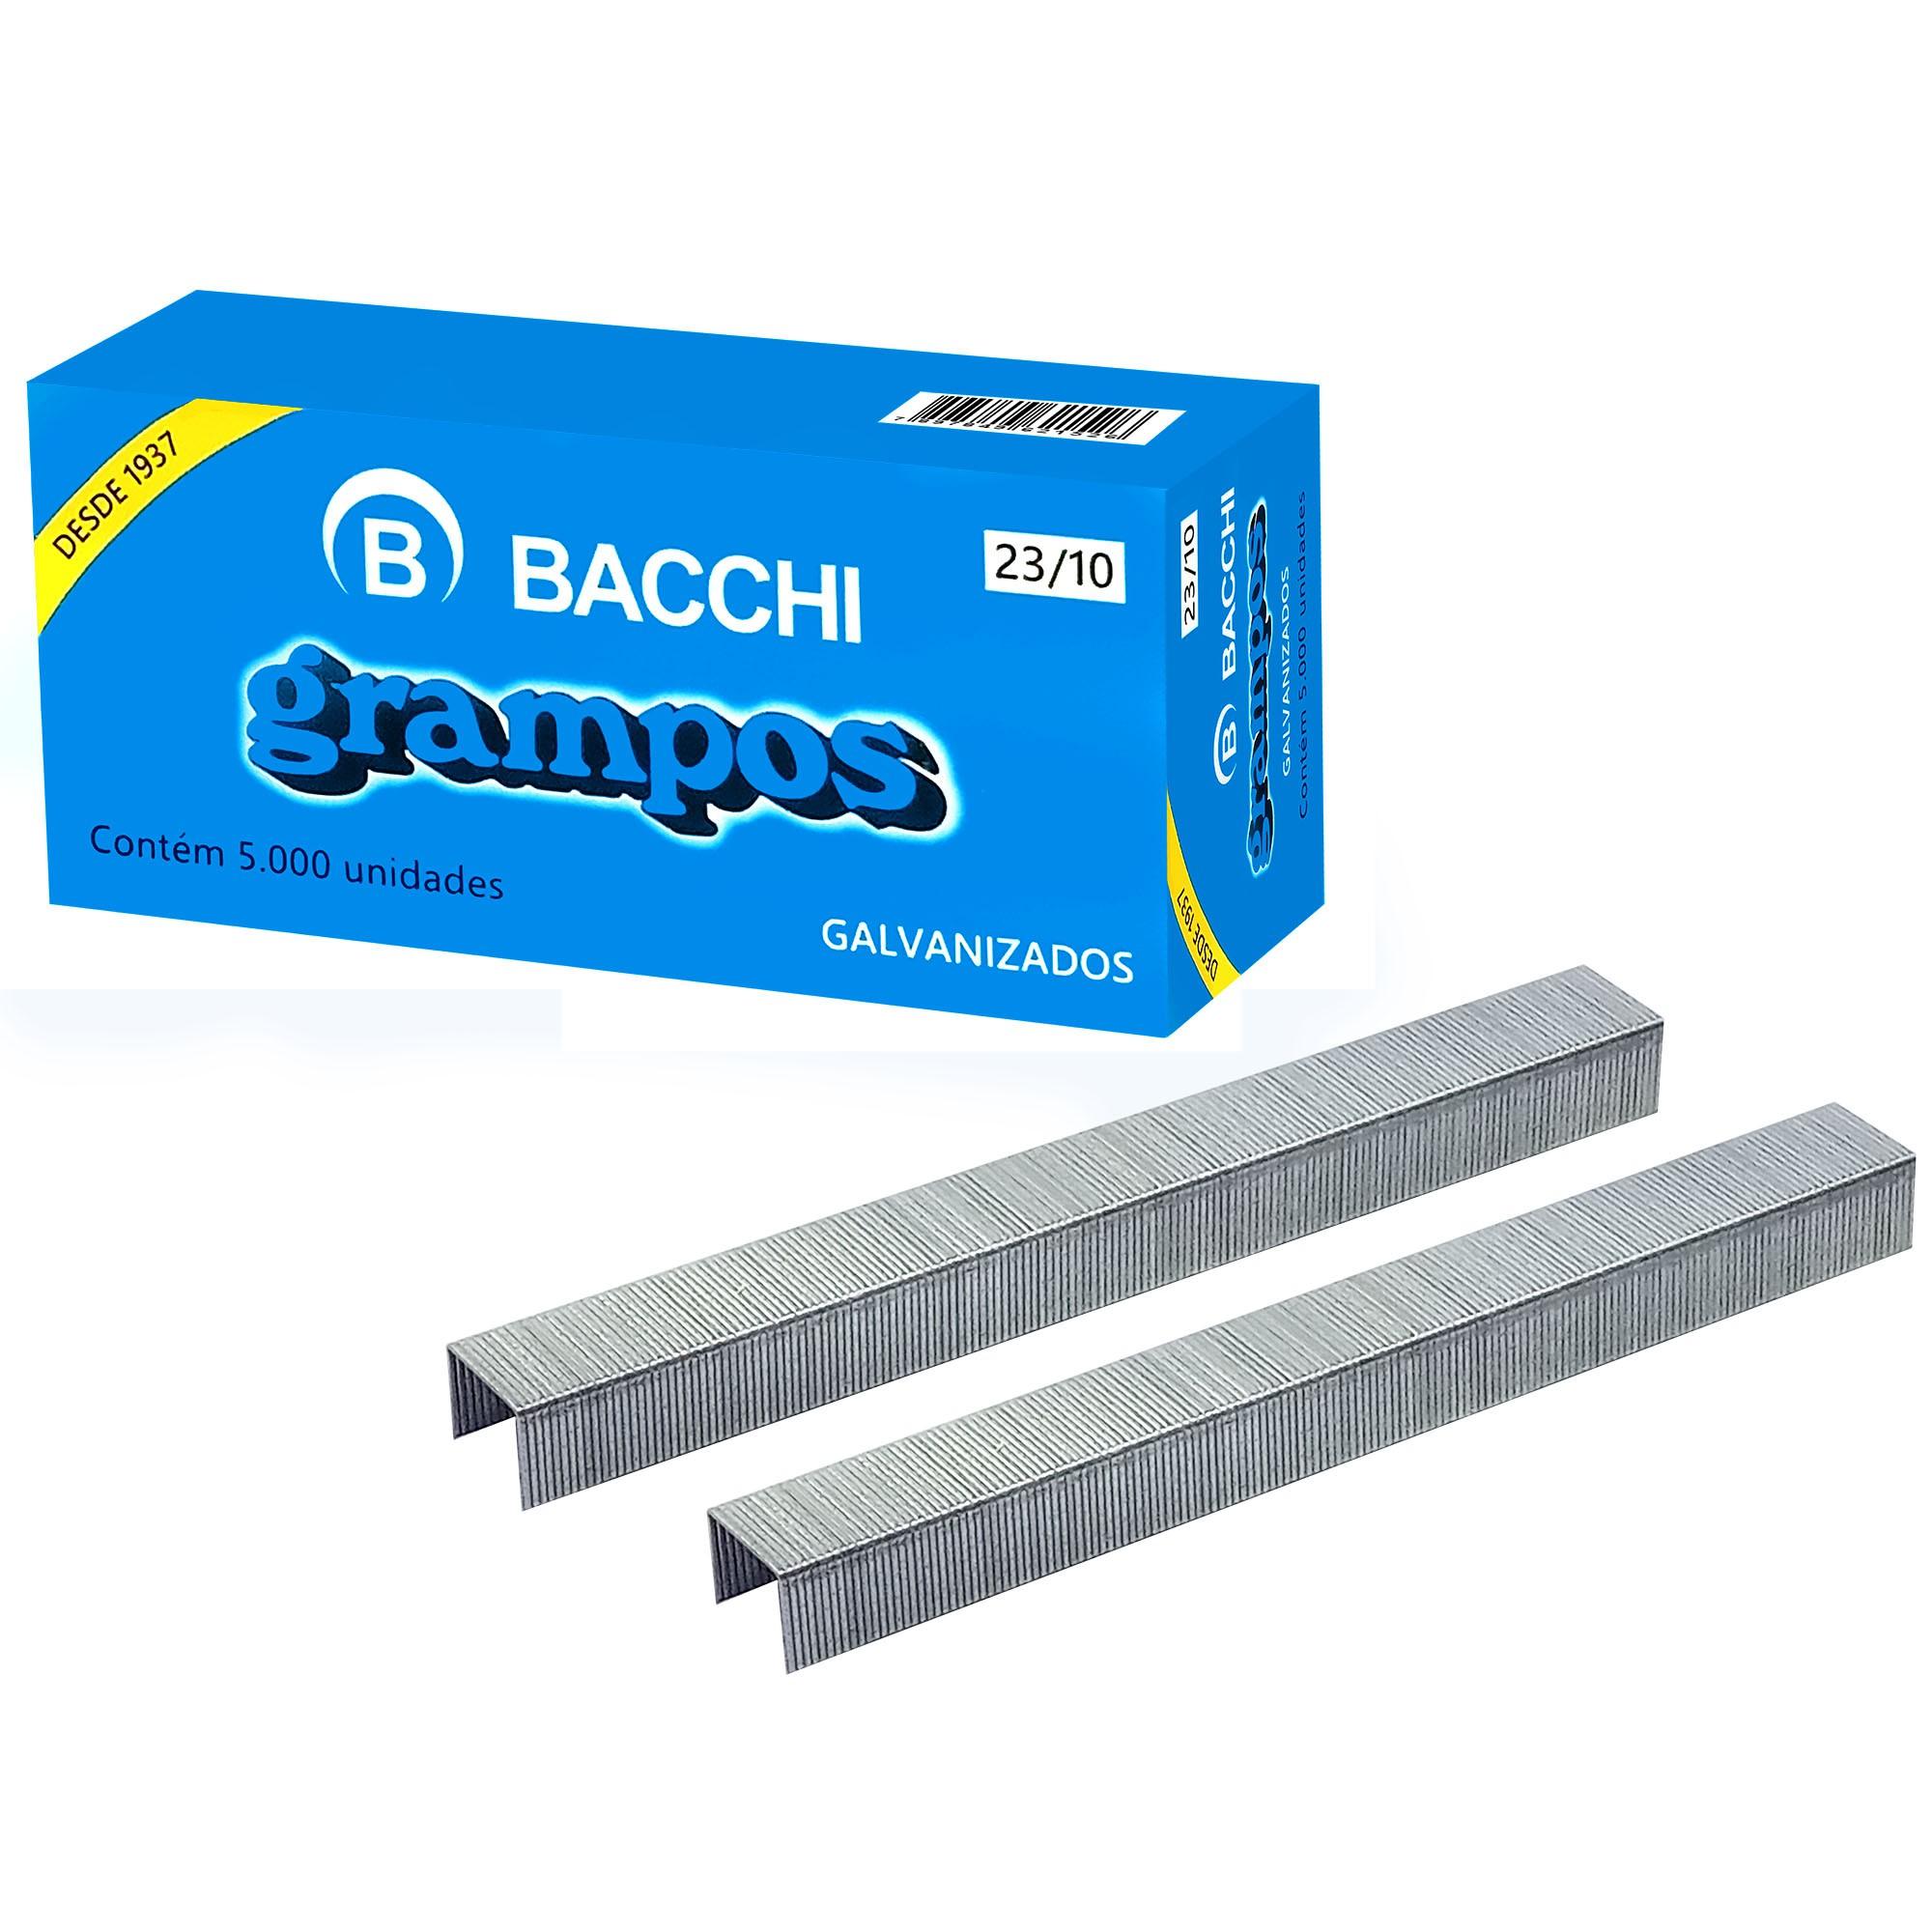 Grampo para Grampeador 23/10 Galvanizado 5000 Grampos CAIXA 22110 - Bacchi